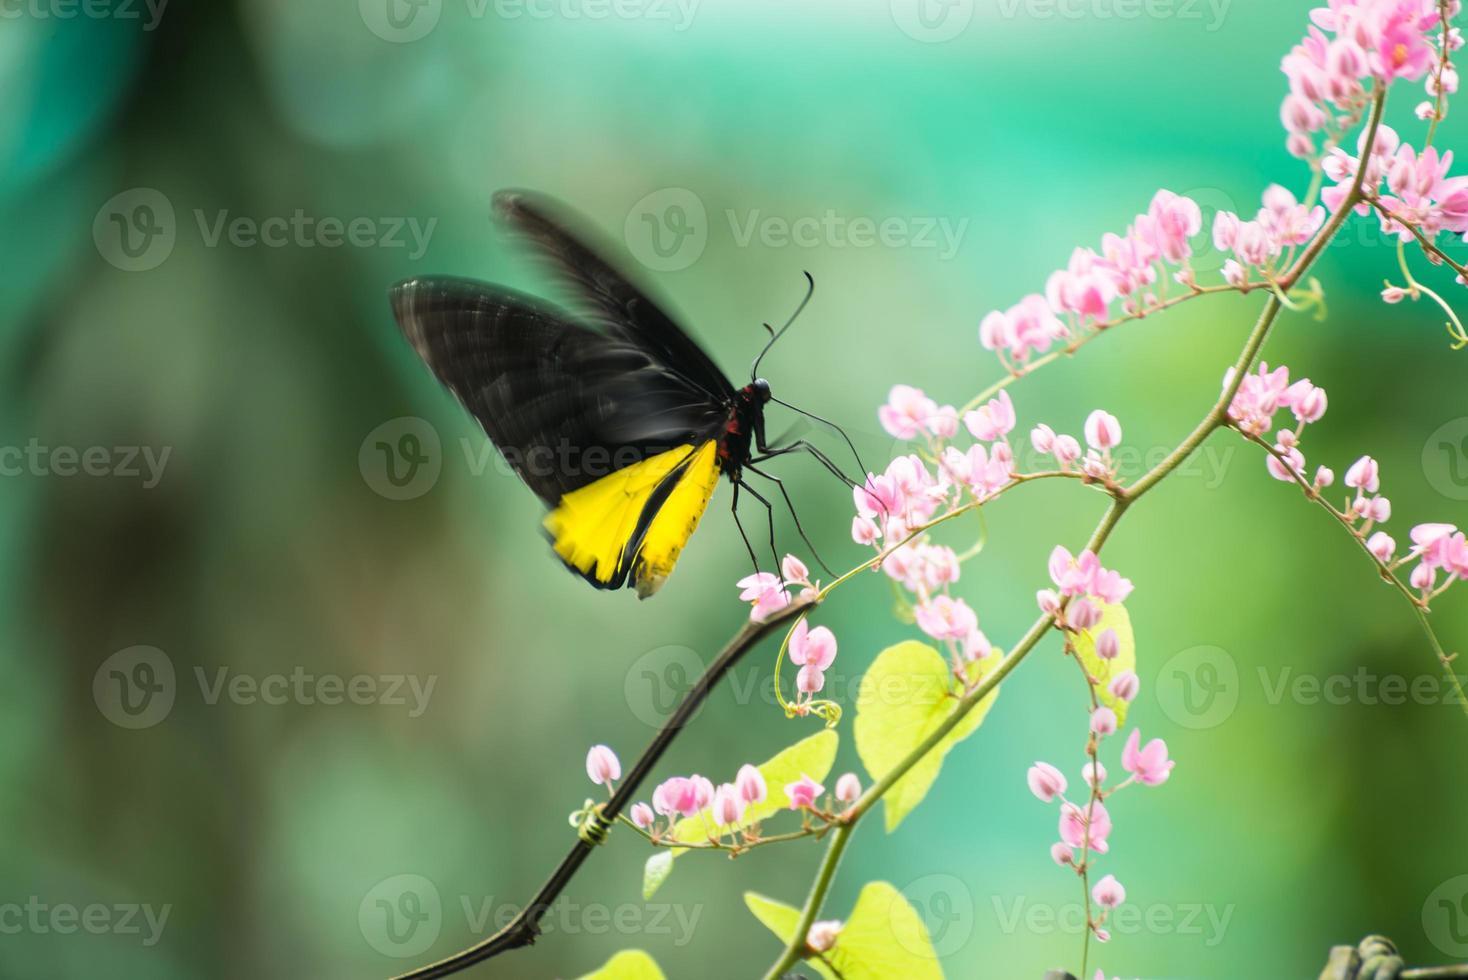 Mariposa común de birdwing alimentándose de flores de honolulu creeper foto